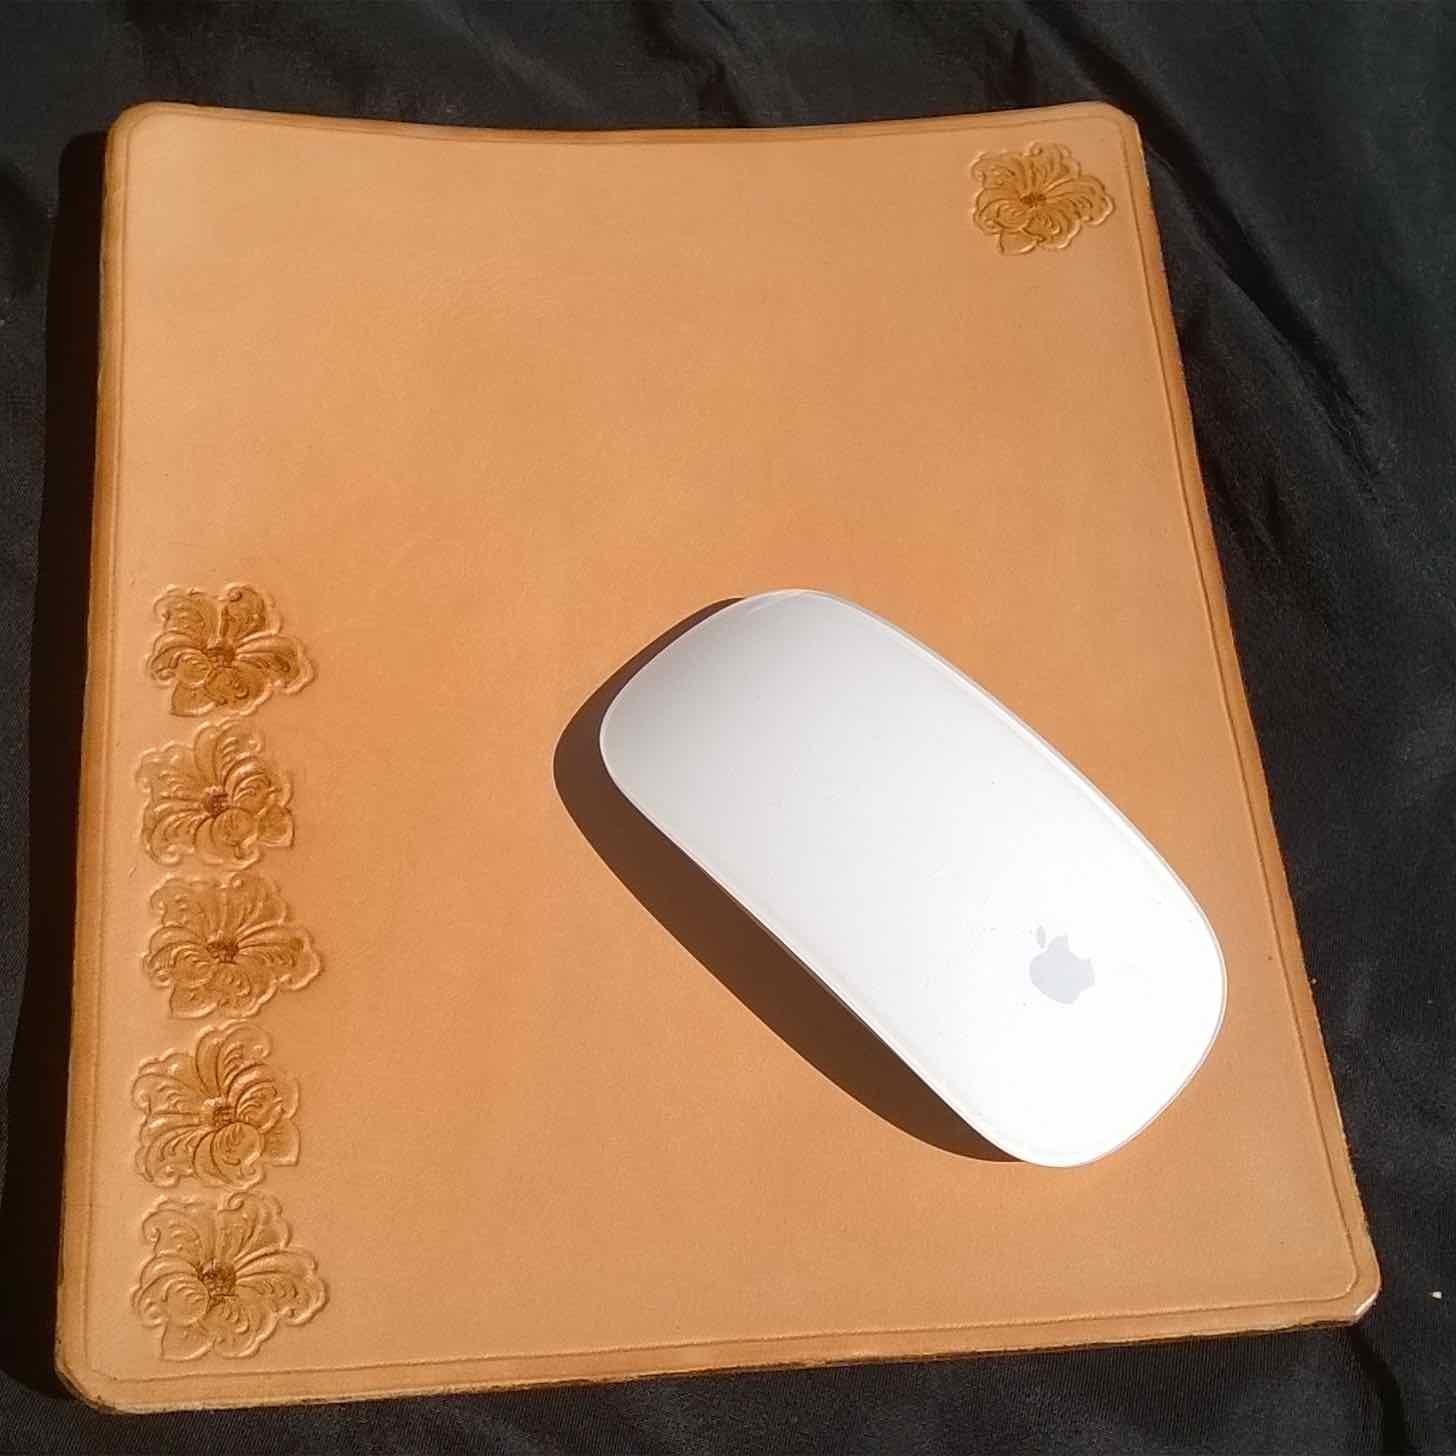 Tapis de souris en cuir martelé avec motif hibiscus, fabrication artisanale made in France par LE CUIR BUISSONNIER